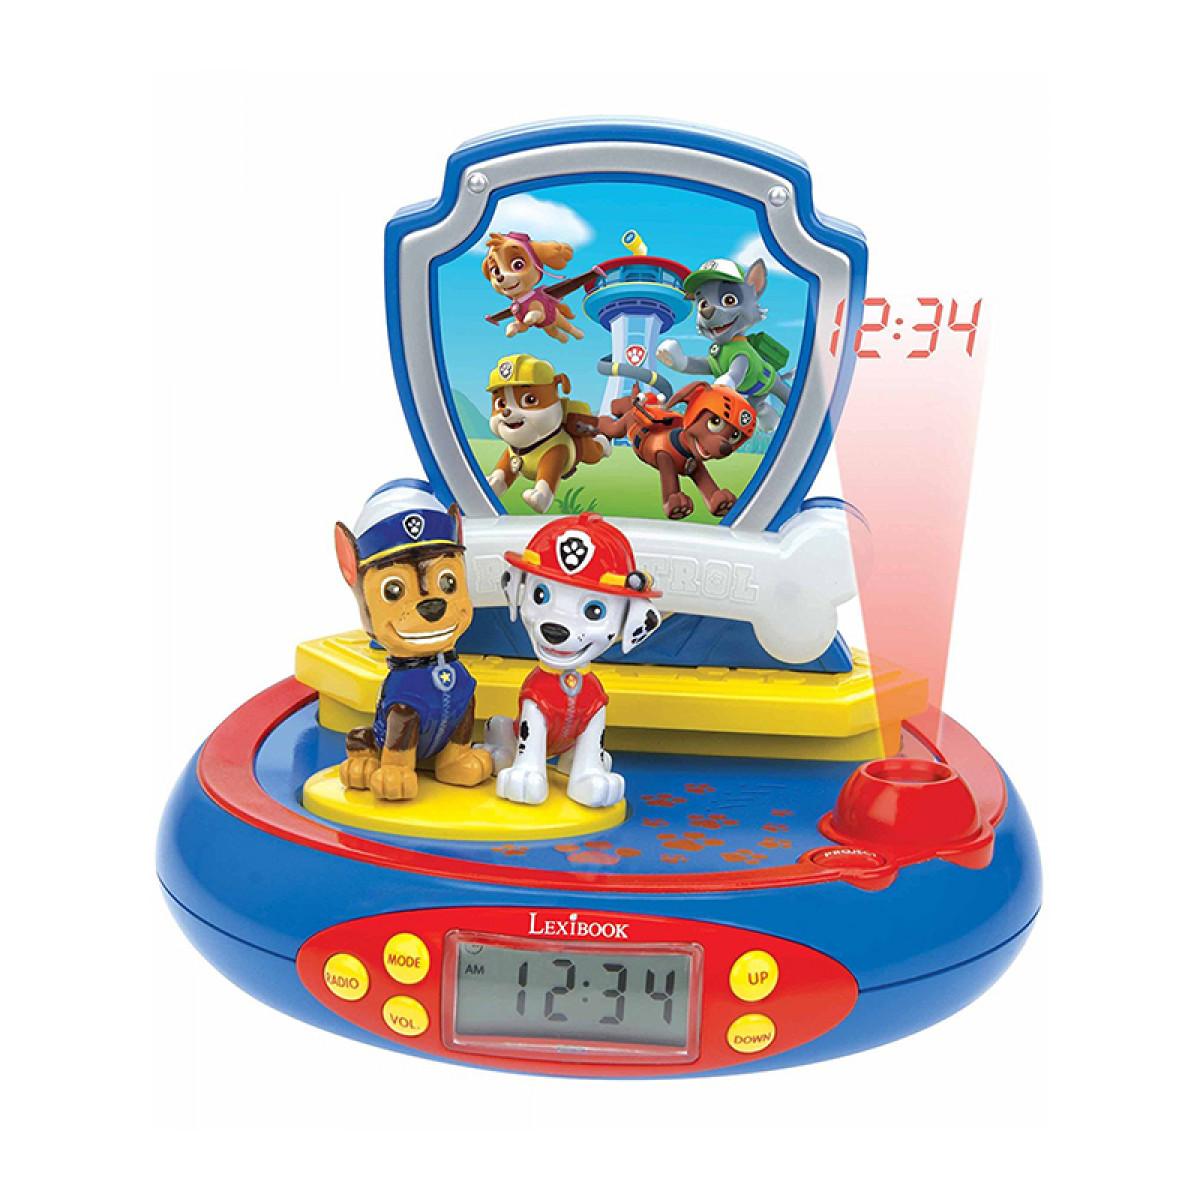 Paw Patrol Radio Alarm Clock Projector Bedroom